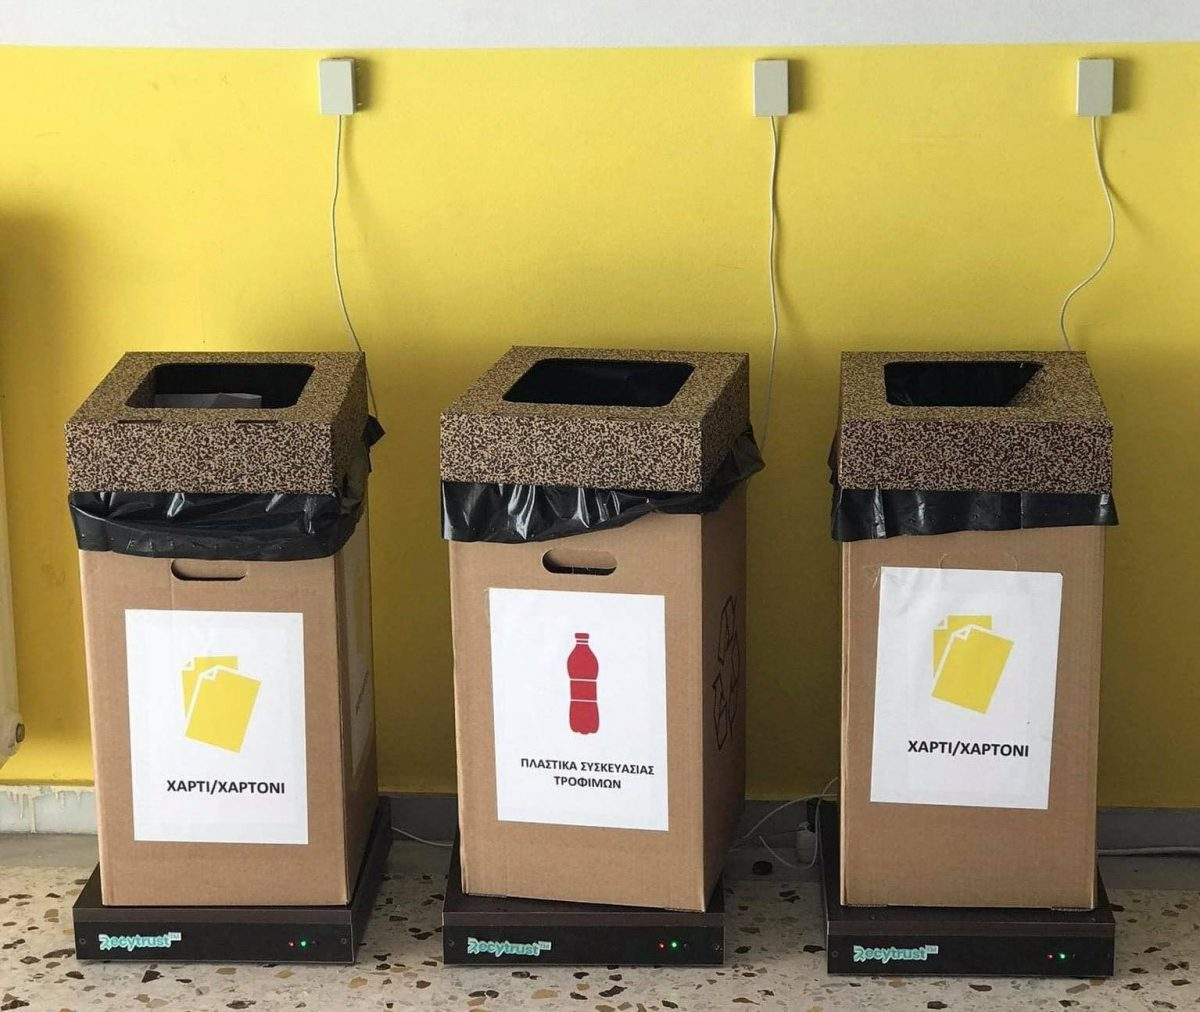 Τέλεια ιδέα! Ξεκινά το 1ο ψηφιακό σχολικό πρωτάθλημα ανακύκλωσης στο 7ο Δημοτικό Ν. Σμύρνης